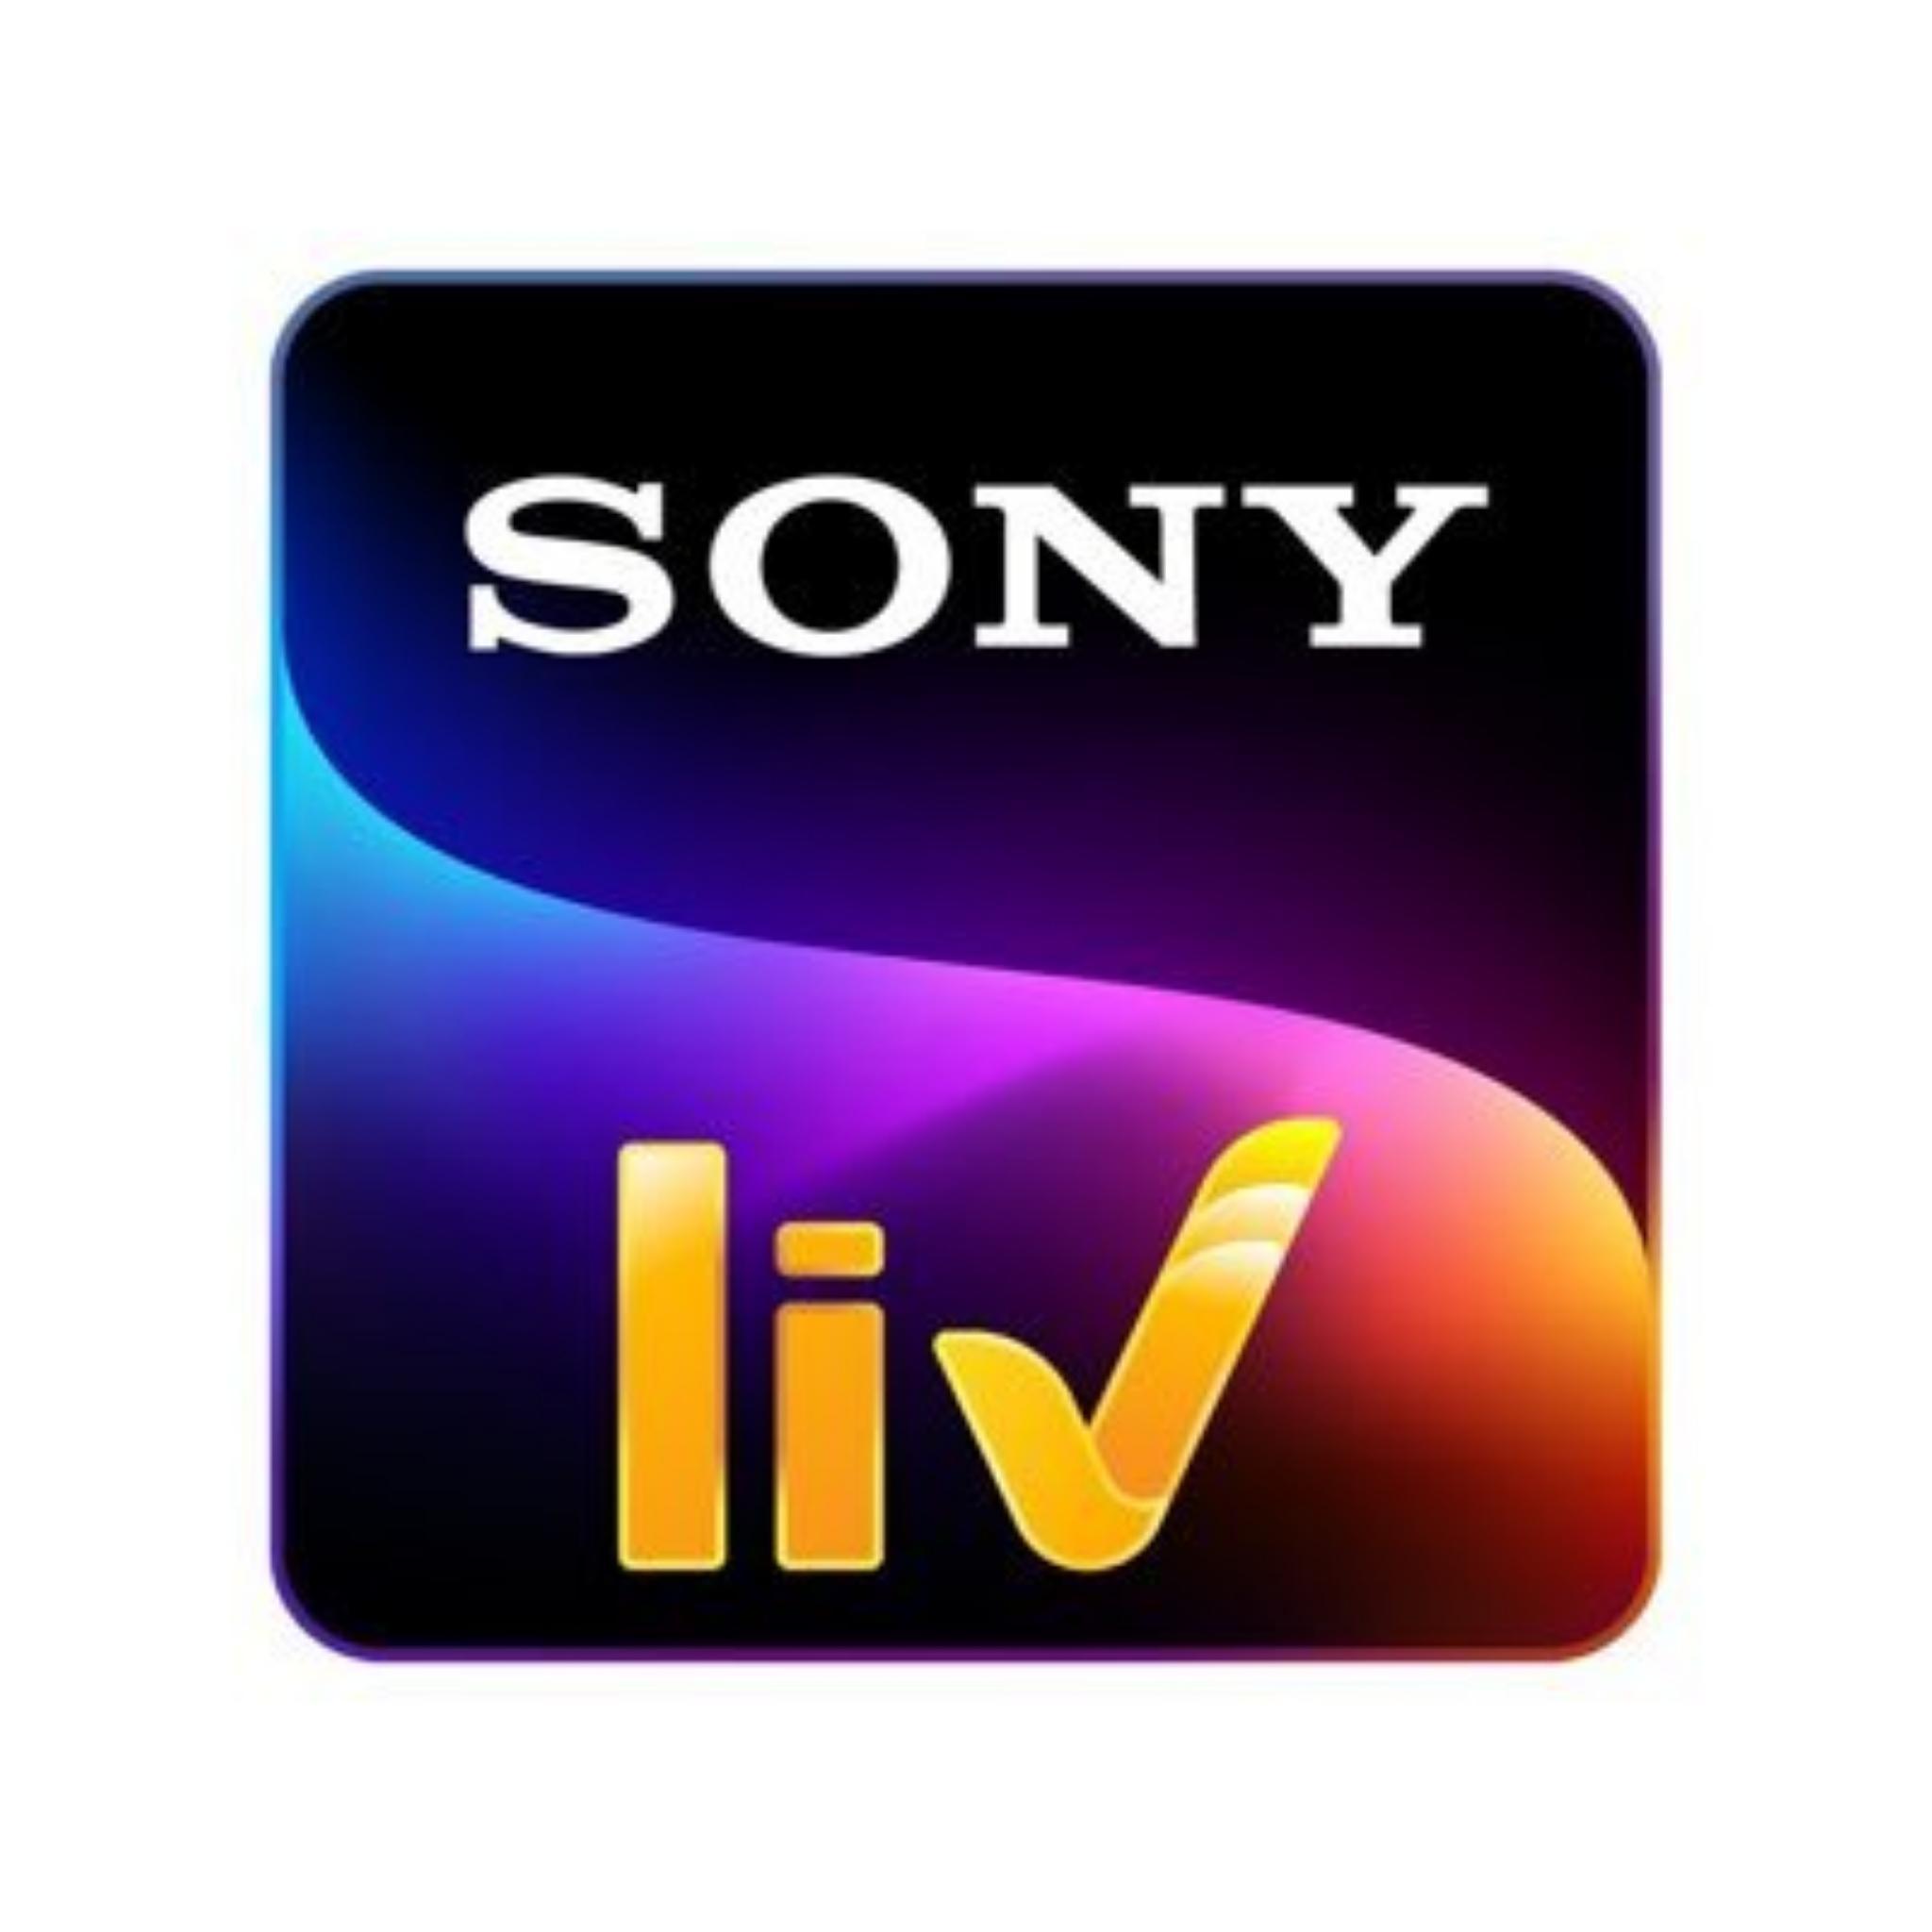 https://www.indiantelevision.com/sites/default/files/styles/smartcrop_800x800/public/images/tv-images/2021/07/21/photogrid_plus_1626862376323.jpg?itok=fYcRpqSE